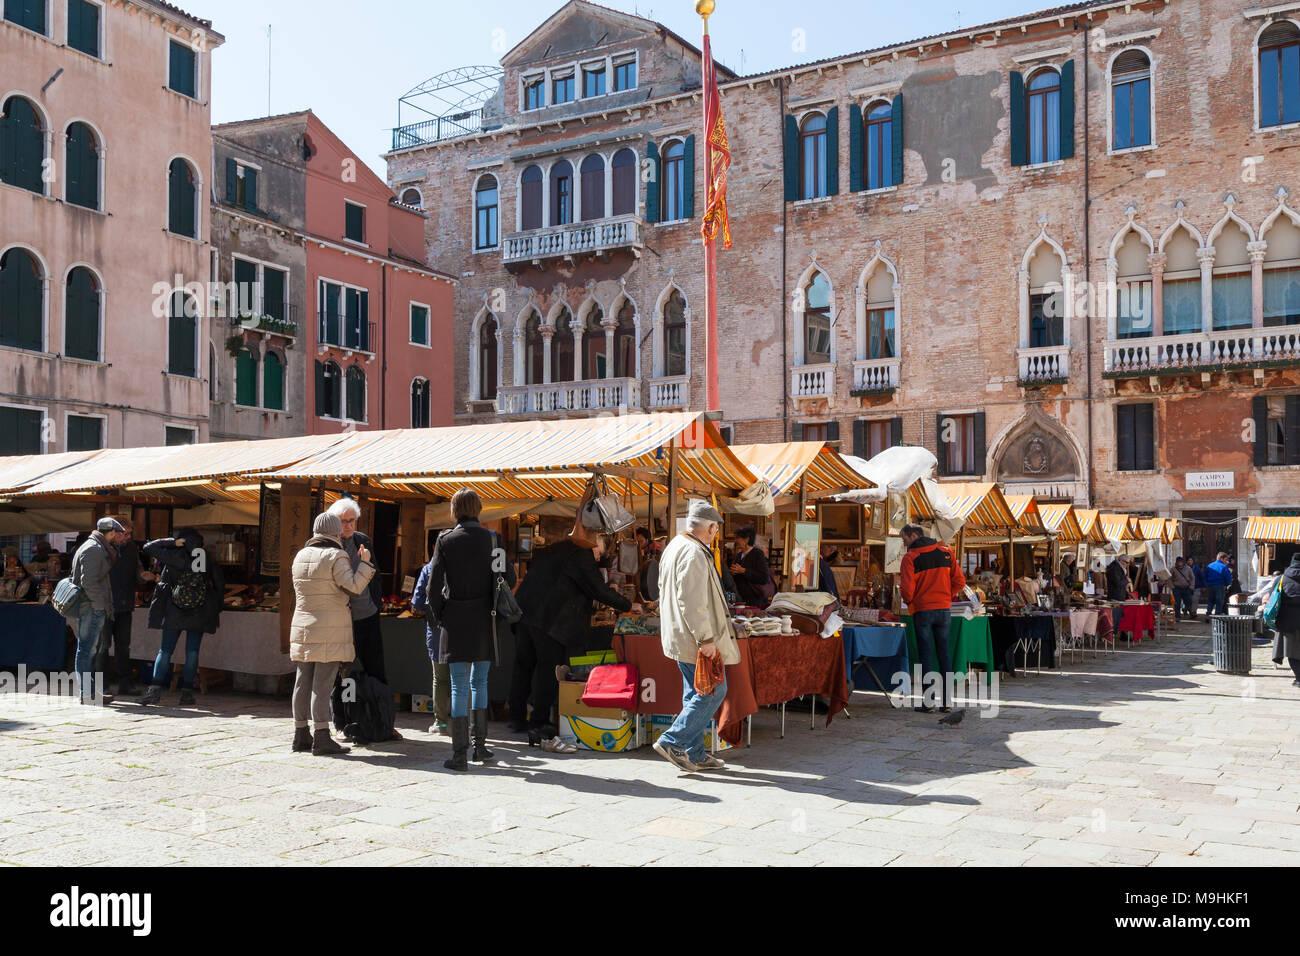 La recherche d'acheteurs d'antiquités sur le marché d'antiquités dans le Campo San Maurizio, San Marco, Venise, Italie, un événement populaire qui a eu lieu cinq fois par année Photo Stock